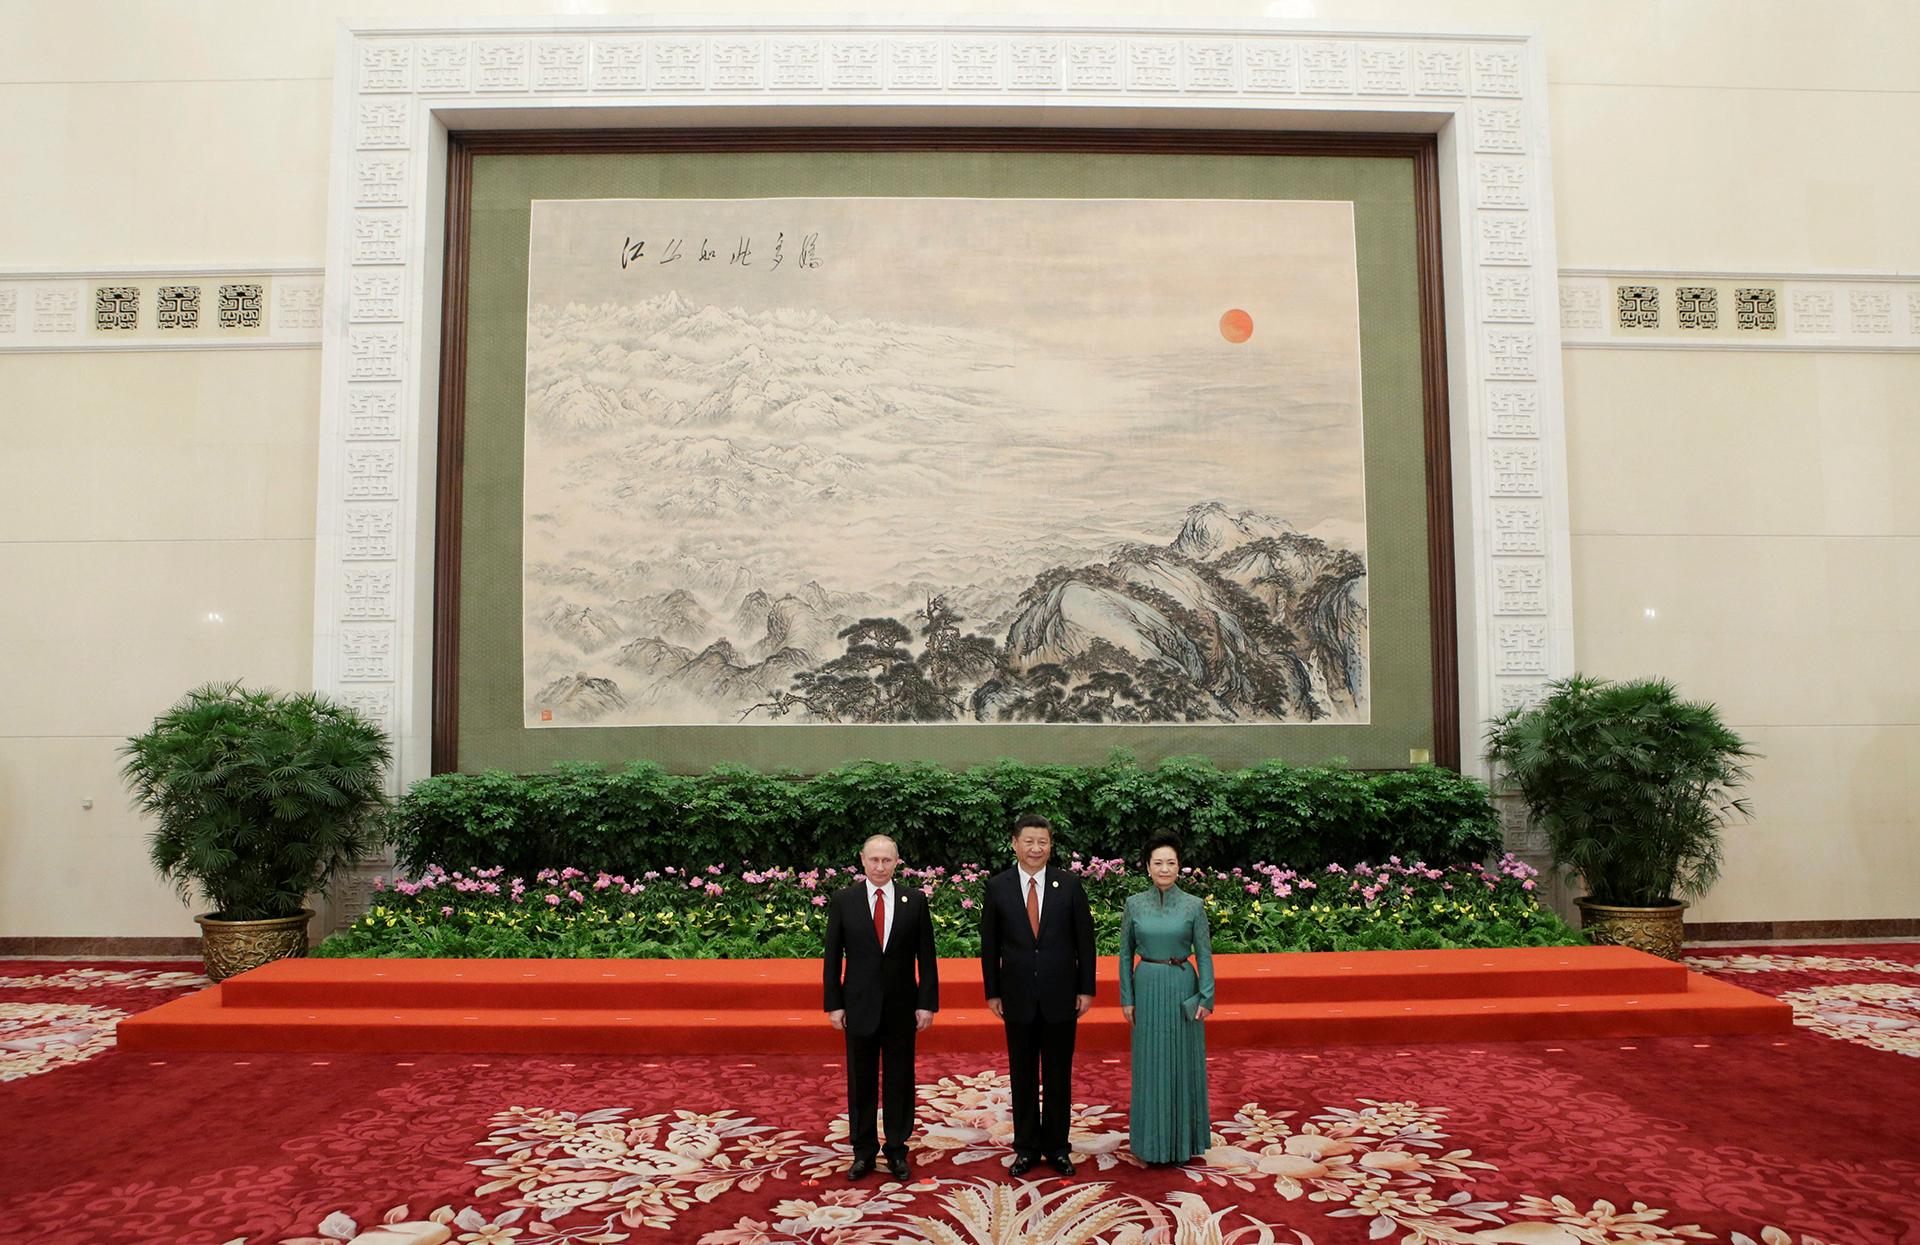 El presidente chino resaltó el significado histórico de las antiguas rutas comerciales que unían el este y el oeste, y las enlazó con el plan que Pekín promueve desde 2013